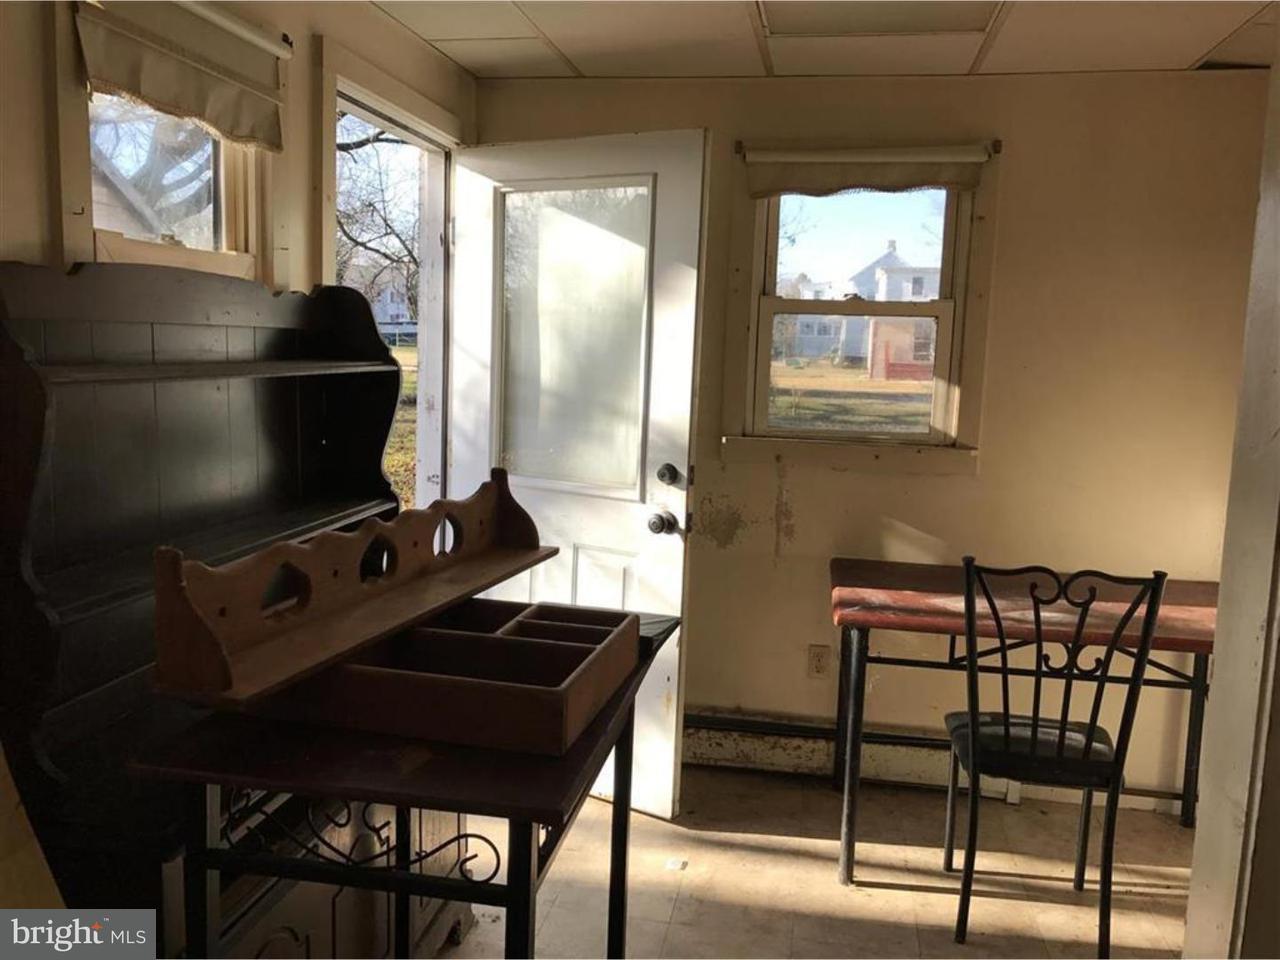 Μονοκατοικία για την Πώληση στο 154 MAIN Street Cedarville, Νιου Τζερσεϋ 08311 Ηνωμενεσ ΠολιτειεσΣτην/Γύρω: Lawrence Township